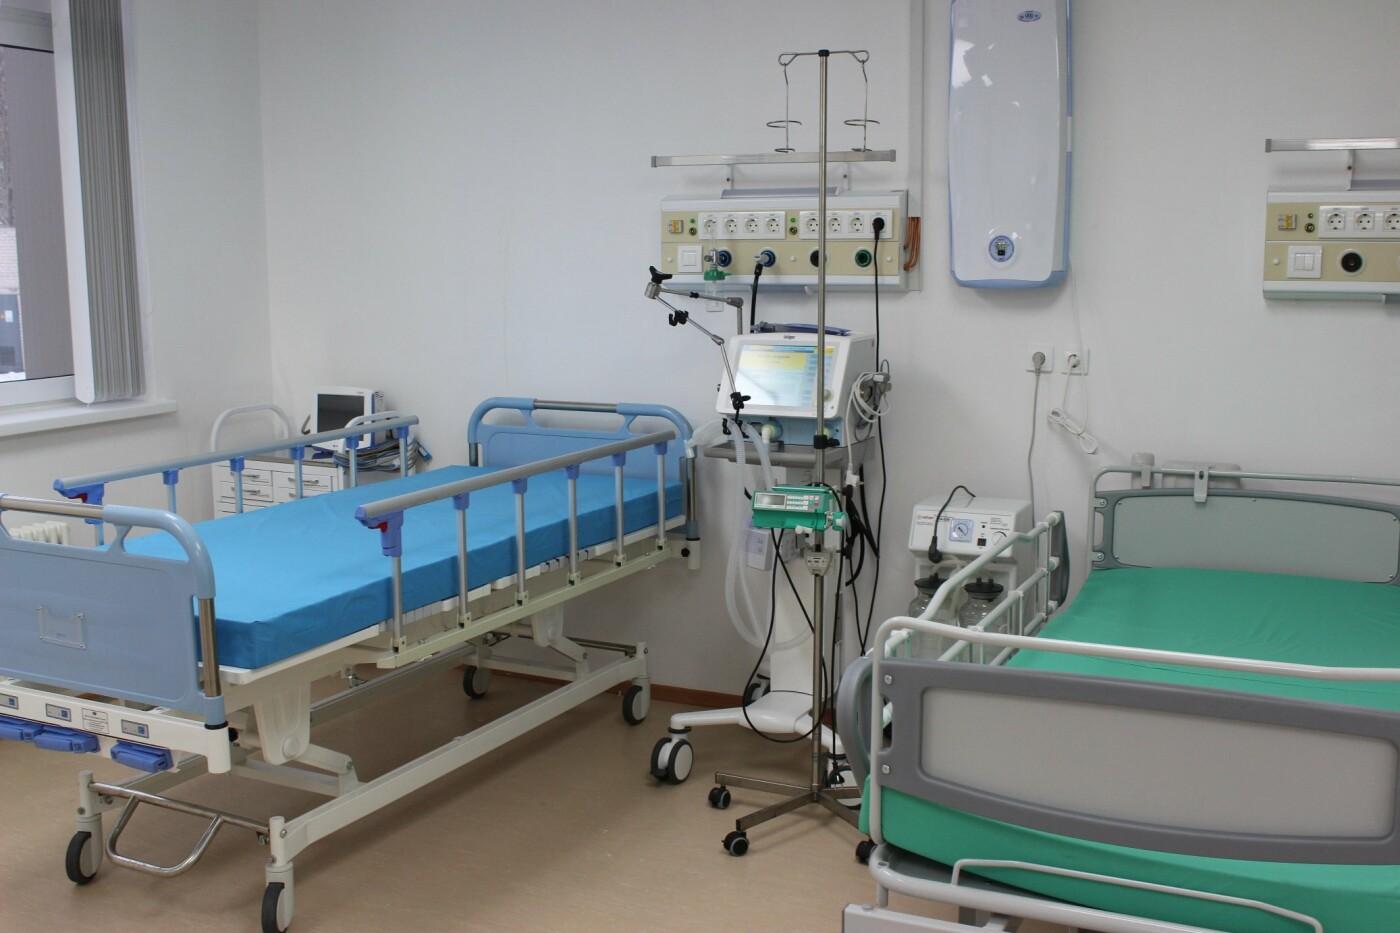 Экстренная медицинская помощь пострадавшим в ДТП будет оказываться в новом травмацентре, фото-6